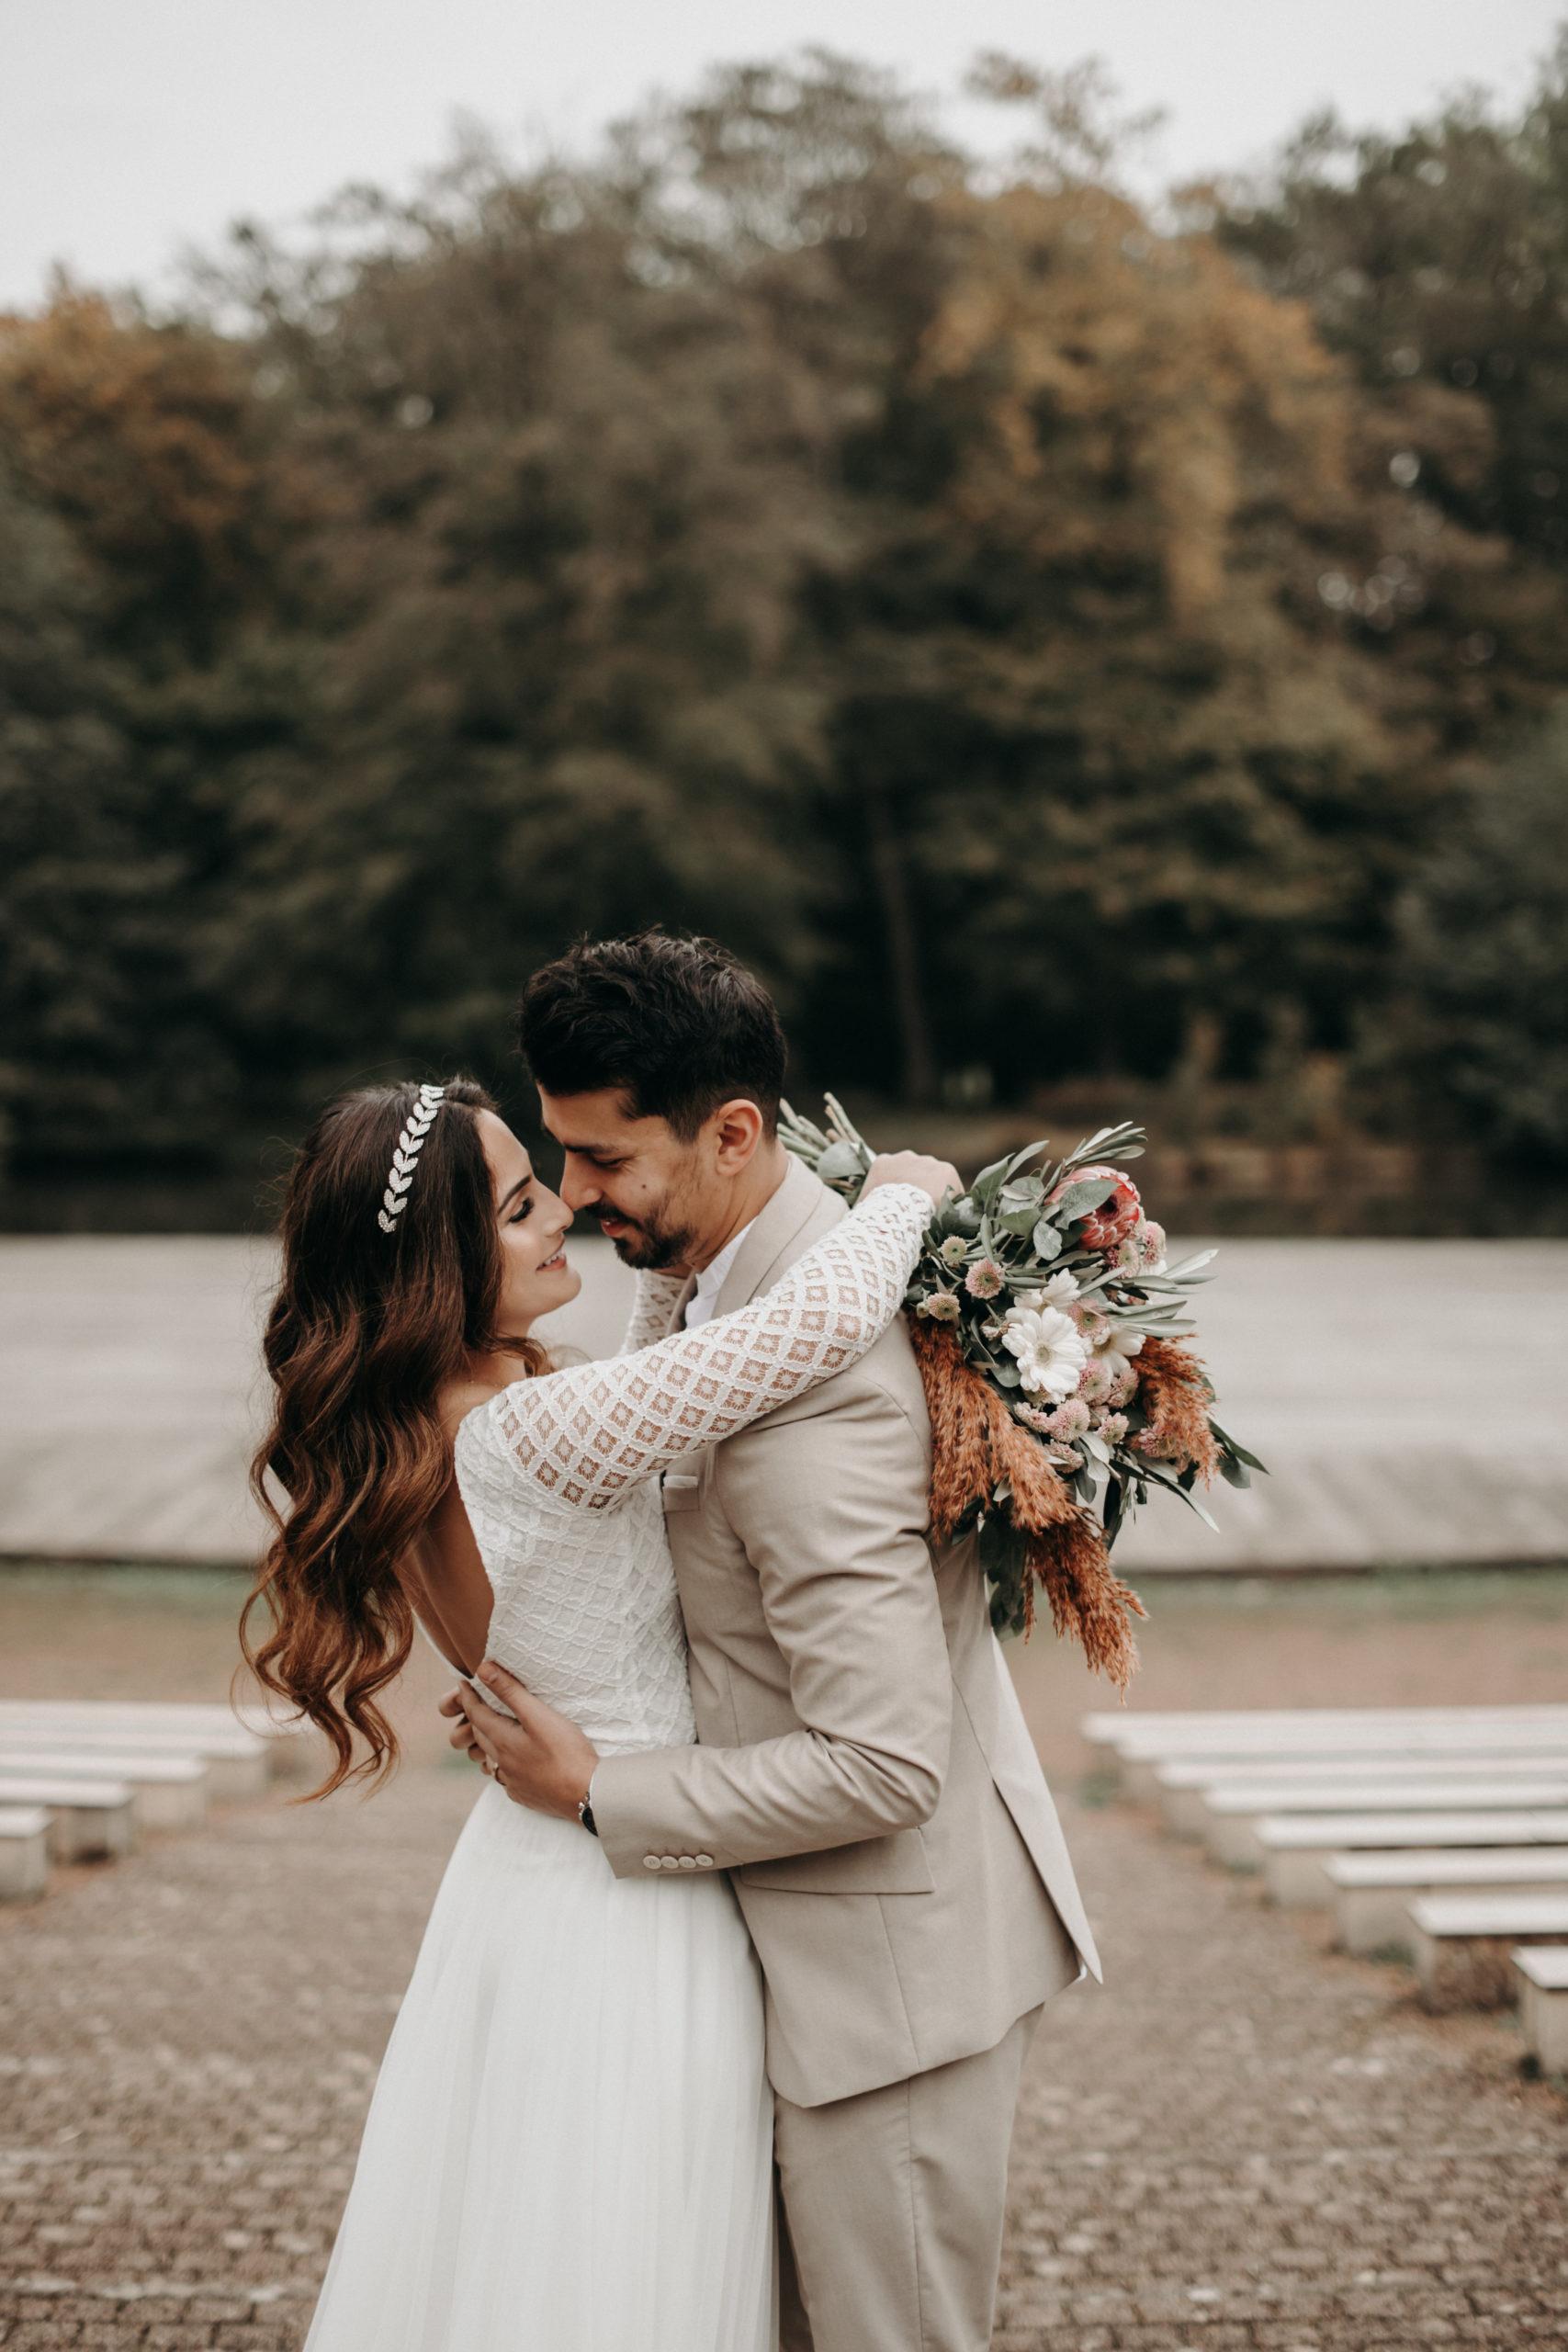 Styled Outdoor-Shoot mit Modelpärchen. Braut mit langärmeligem Top aus geometrischer Spitze und langem weißem Rock, korallenfarbigem Brautstrauss und Tiara. Bräutigam-Model mit hellem Anzug und Henley Shirt